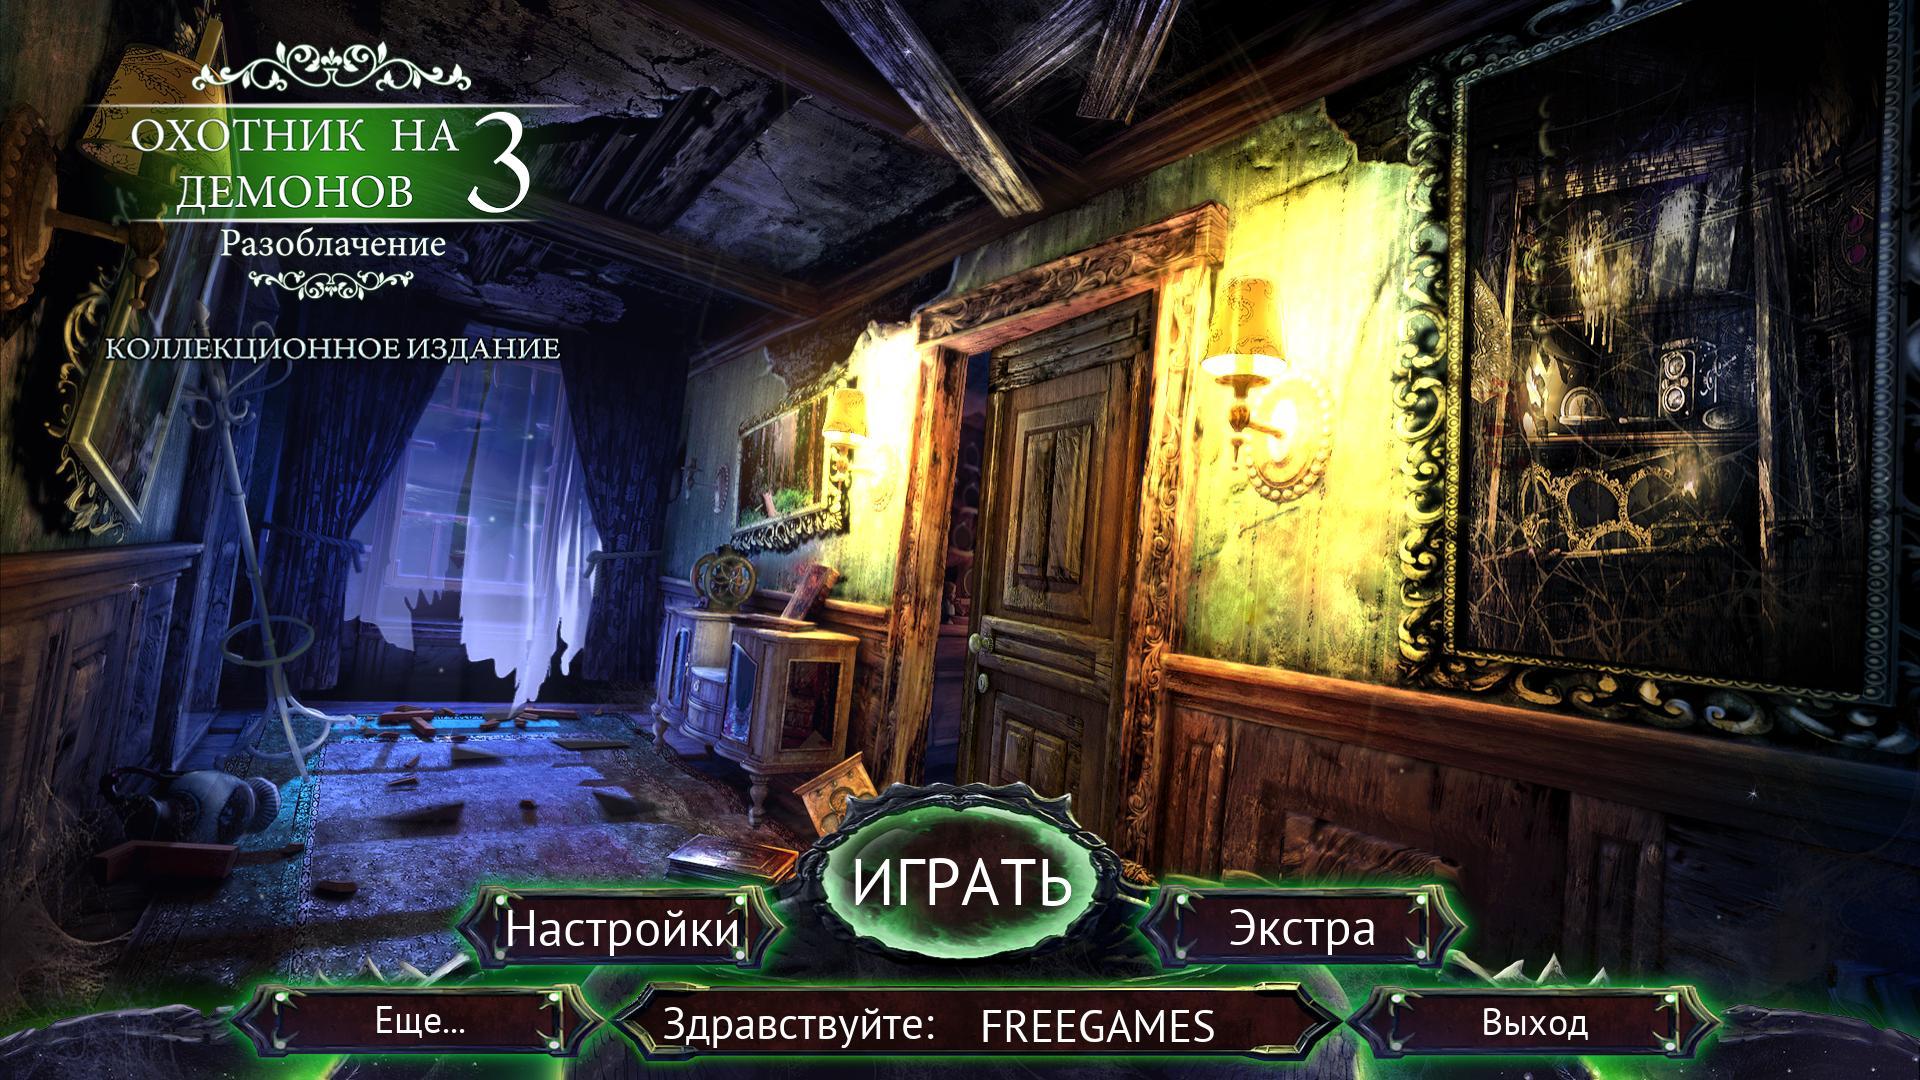 Охотник на демонов 3: Разоблачение. Коллекционное издание | Demon Hunter 3: Revelation CE (Rus)